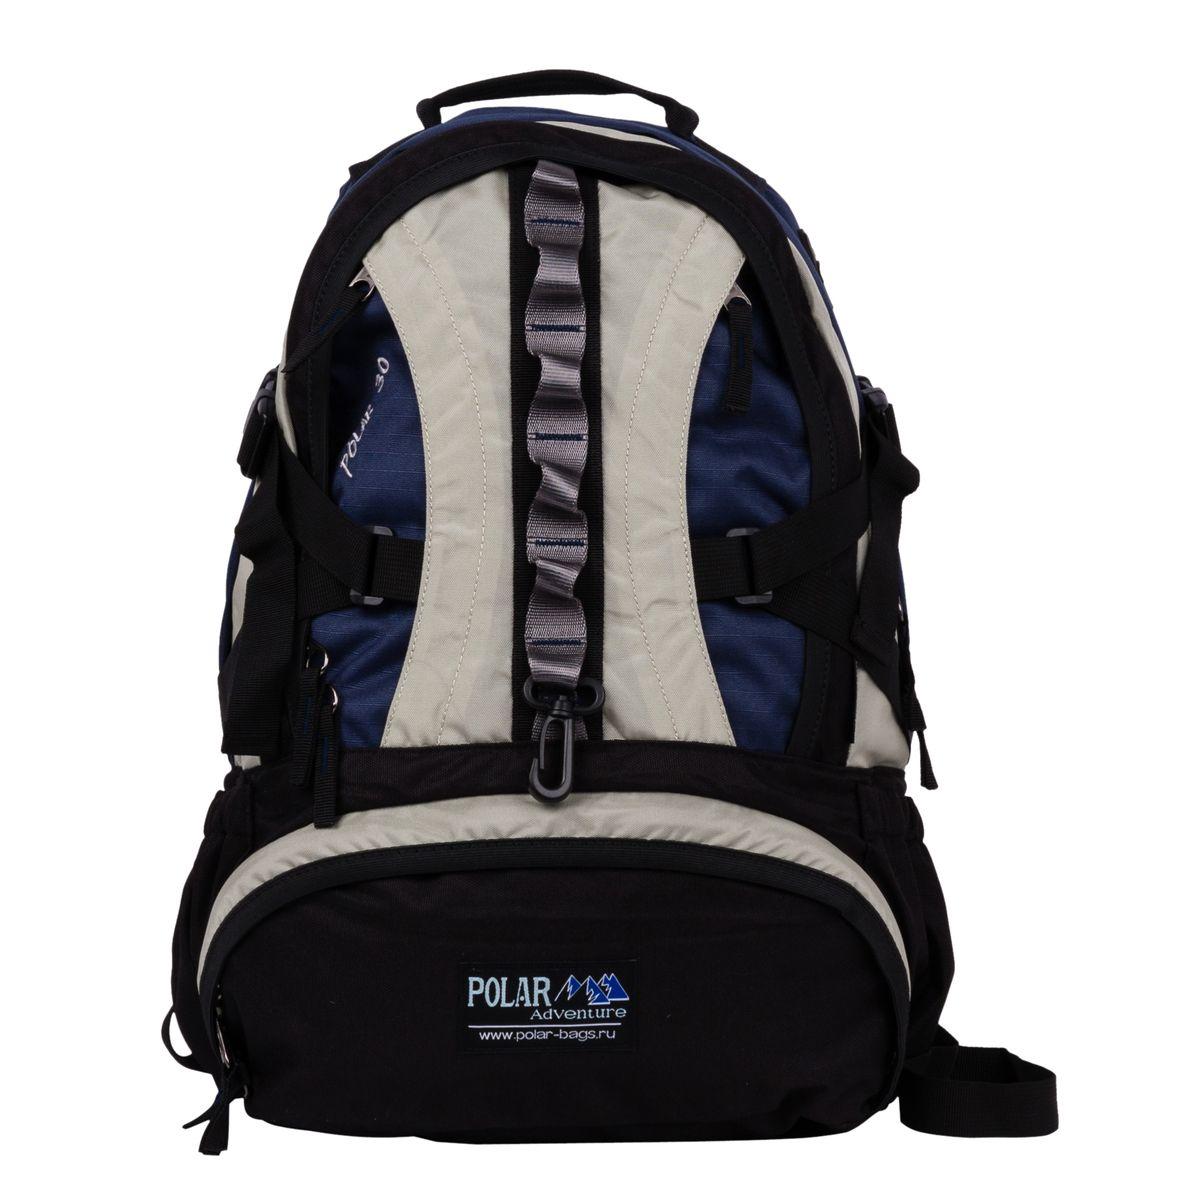 Рюкзак городской Polar, цвет: синий, 27 л. П1003-04BP-001 BKГородской рюкзак Polar с модным дизайном. - Полностью вентилируемая и удобная мягкая спинка, мягкие плечевые лямки создают дополнительный комфортпри ношении. - Центральный отсек для персональных вещей и документов A4 на двухсторонних молниях для удобства. - Маленький карман для mp3, CD плеера. - Два боковых кармана под бутылки с водой на резинке.- Регулирующая грудная стяжка с удобным фиксатором.- Регулирующий поясной ремень, удерживает плотно рюкзак на спине, что очень удобно при езде на велосипеде или продолжительных походах.- Большой отсек для спортивной обуви.